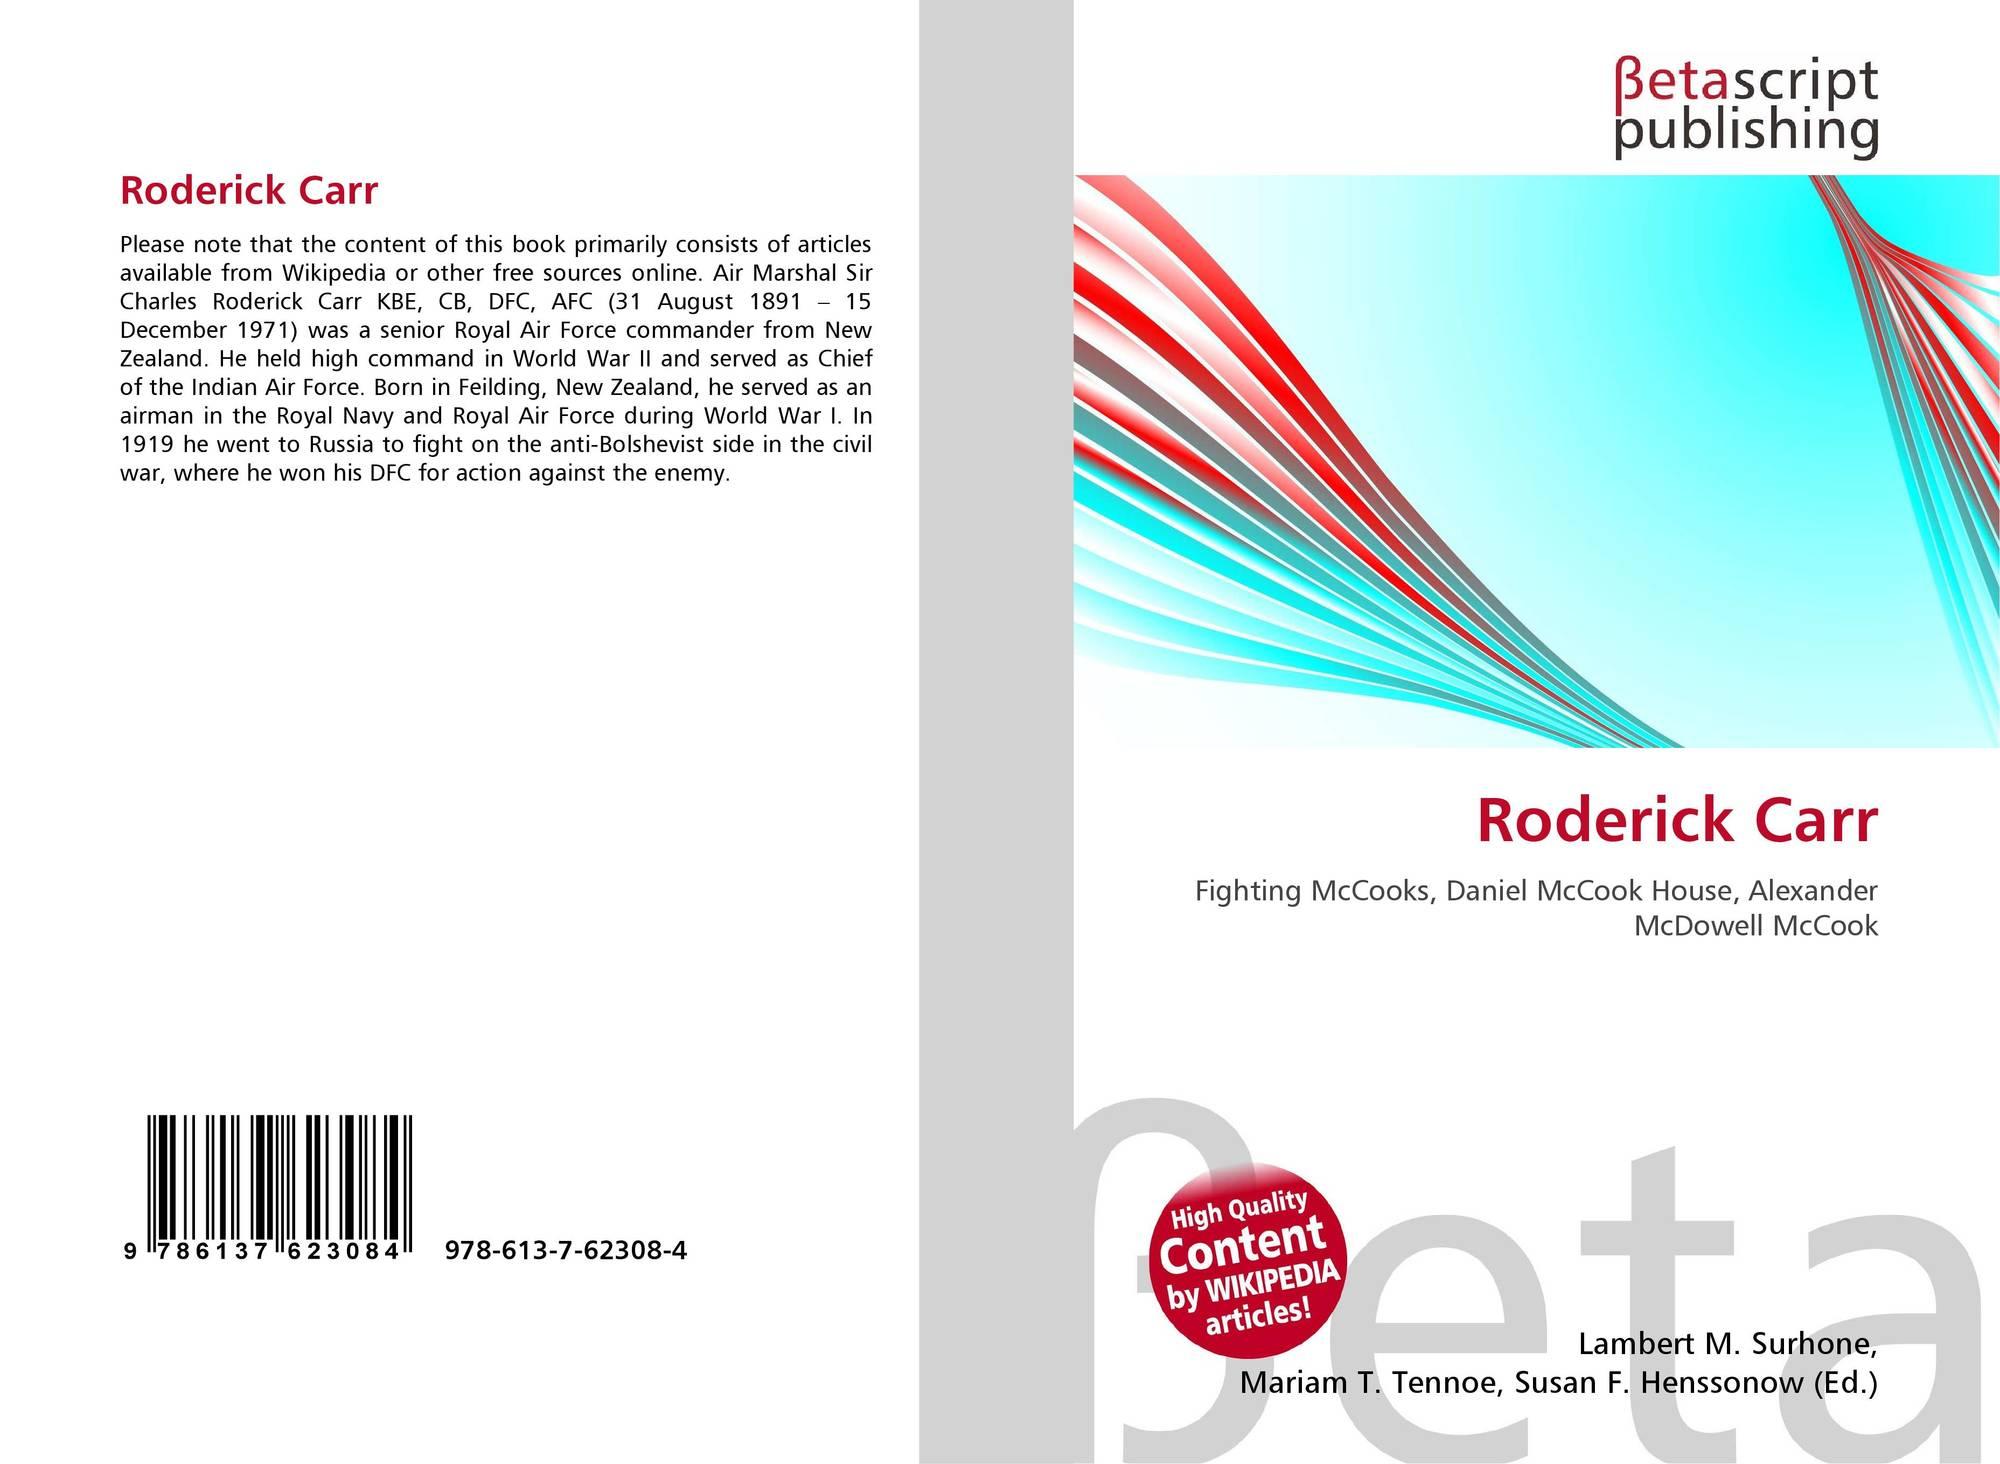 Roderick Carr, 978-613-7-62308-4, 6137623084 ,9786137623084